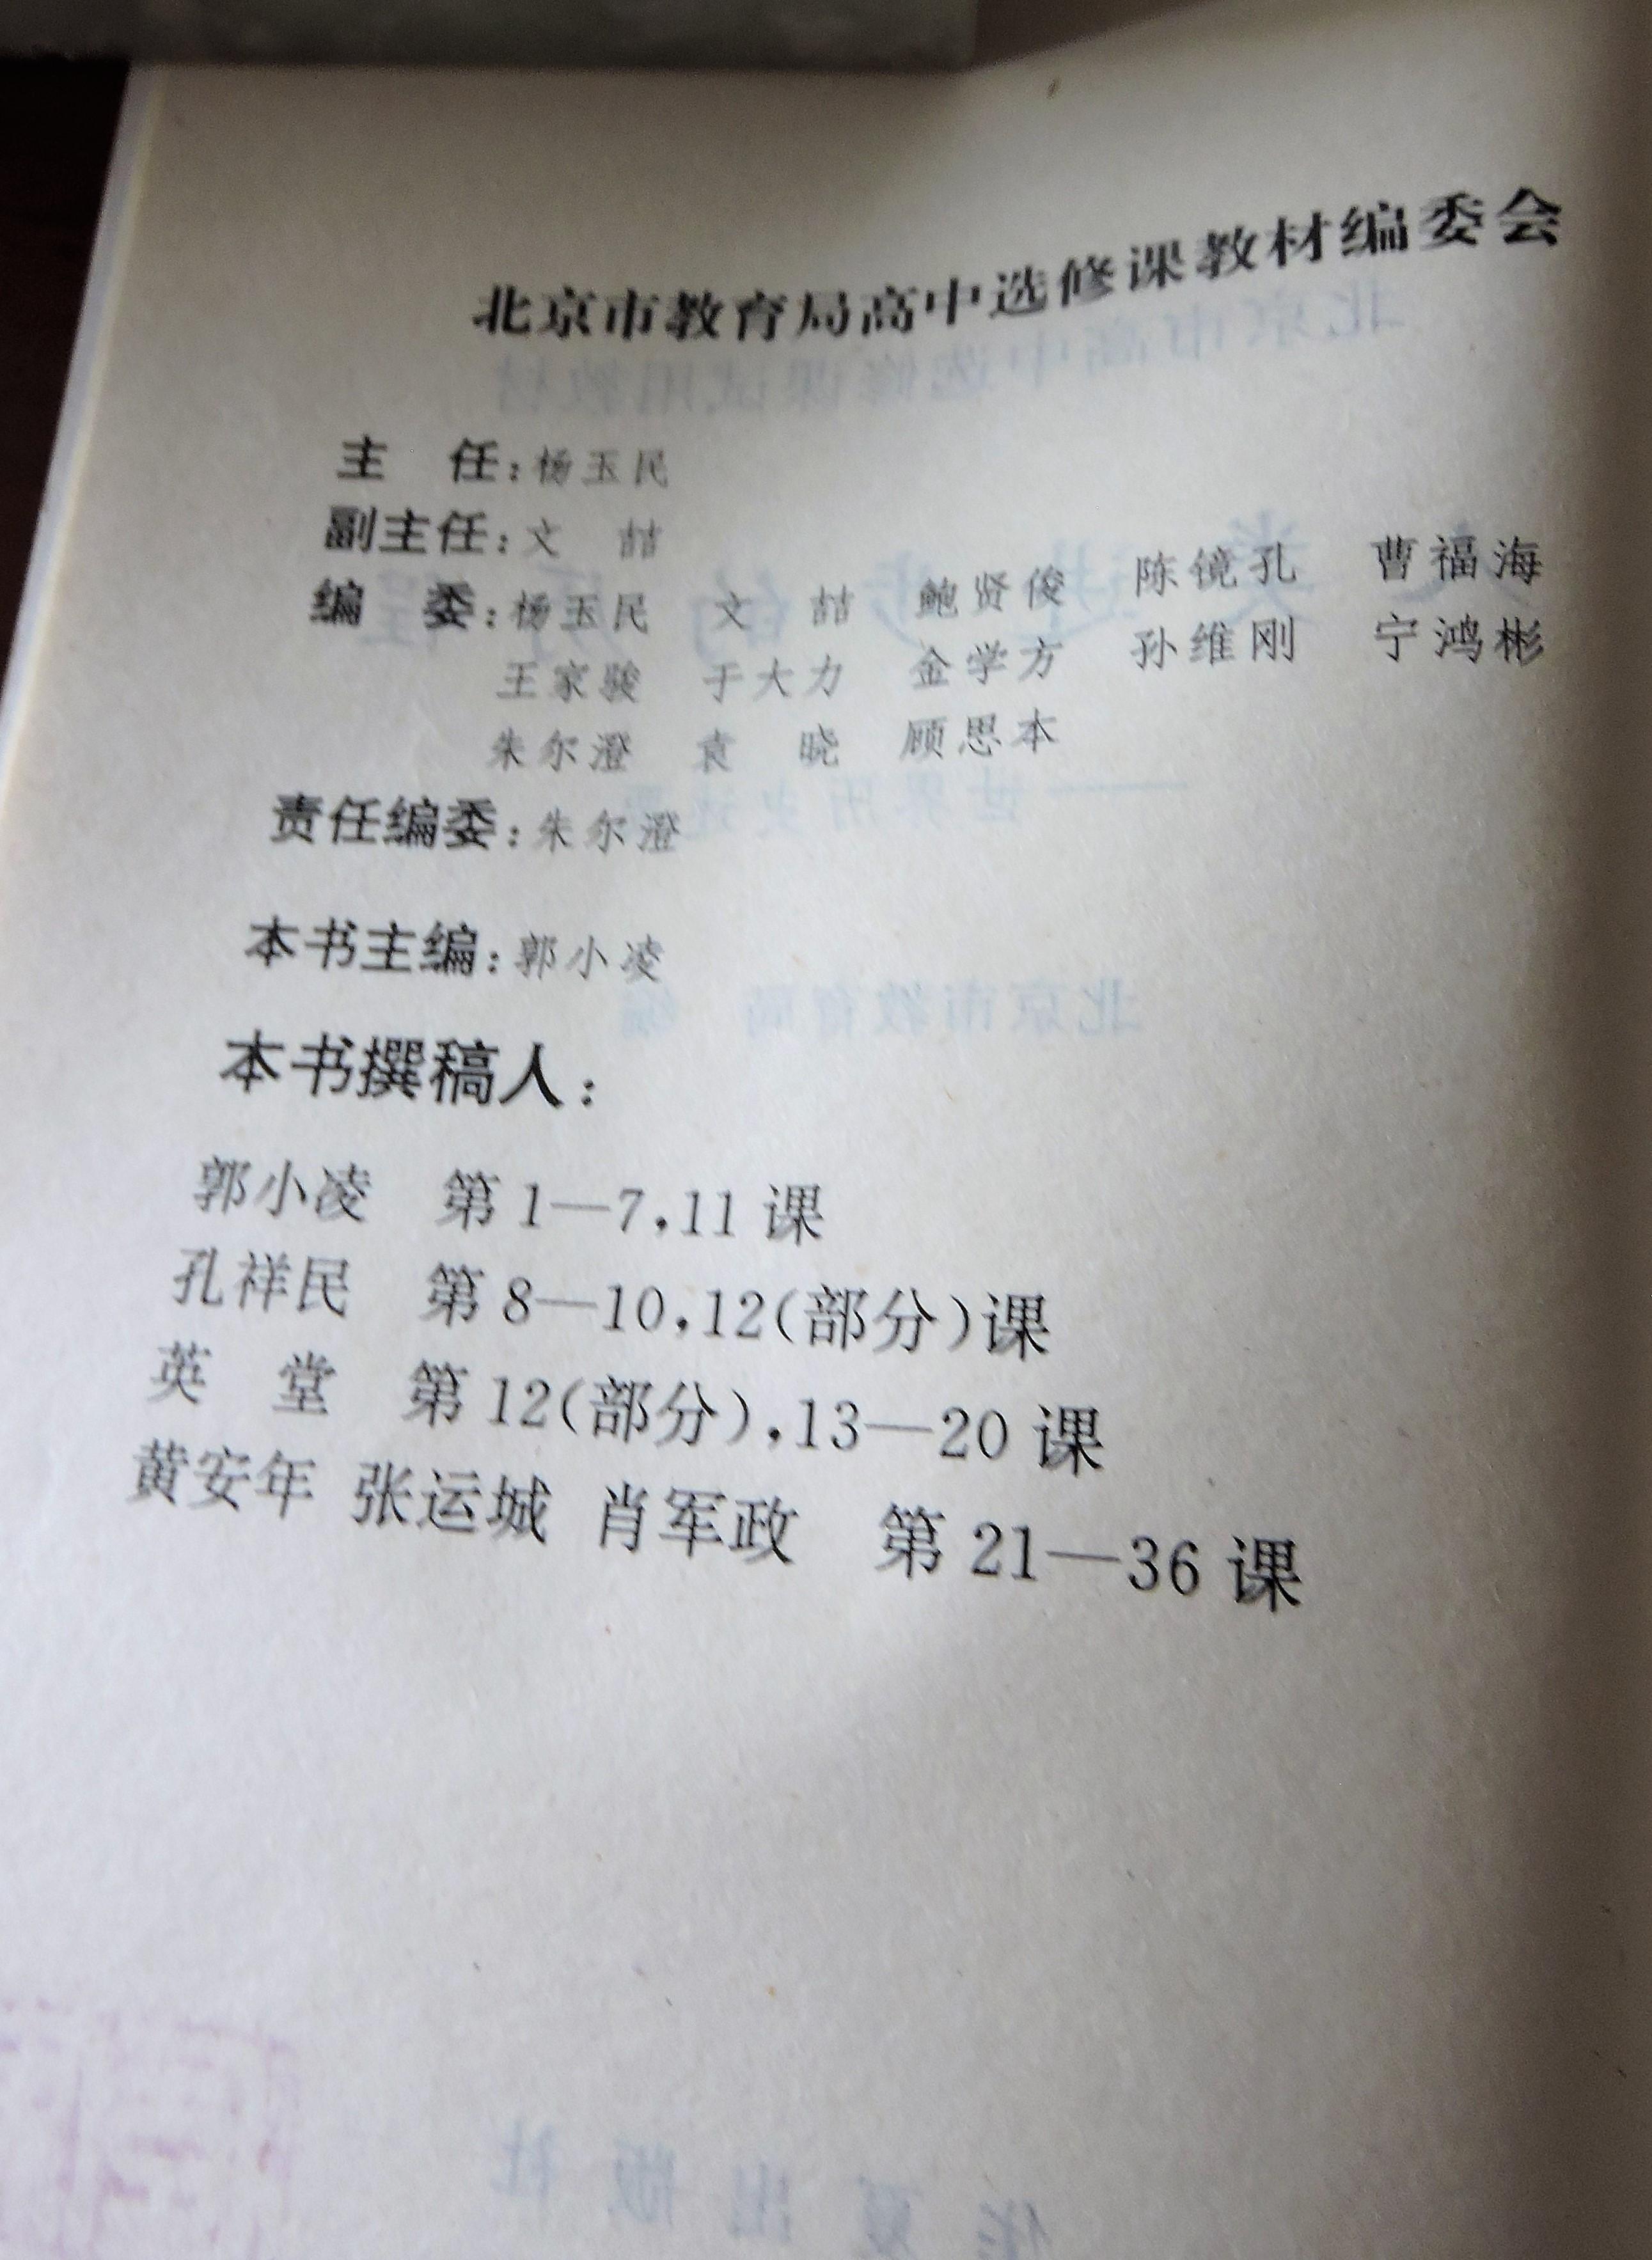 4 DSCN8103.jpg